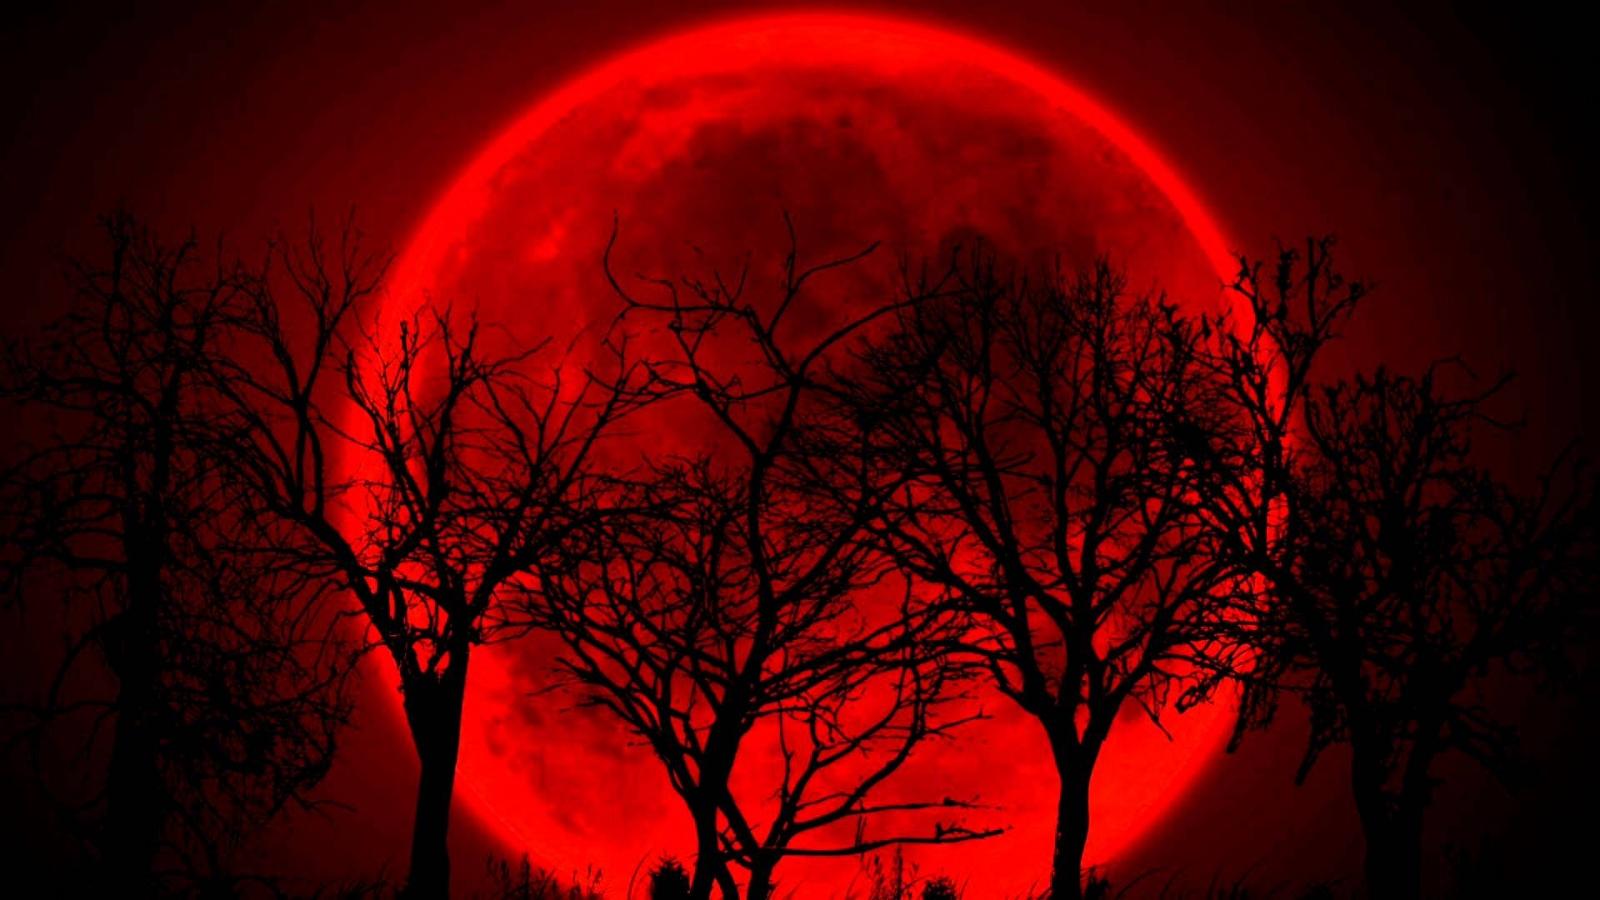 Eclipse lunar 2018: ¿Cuándo es y dónde se verá?